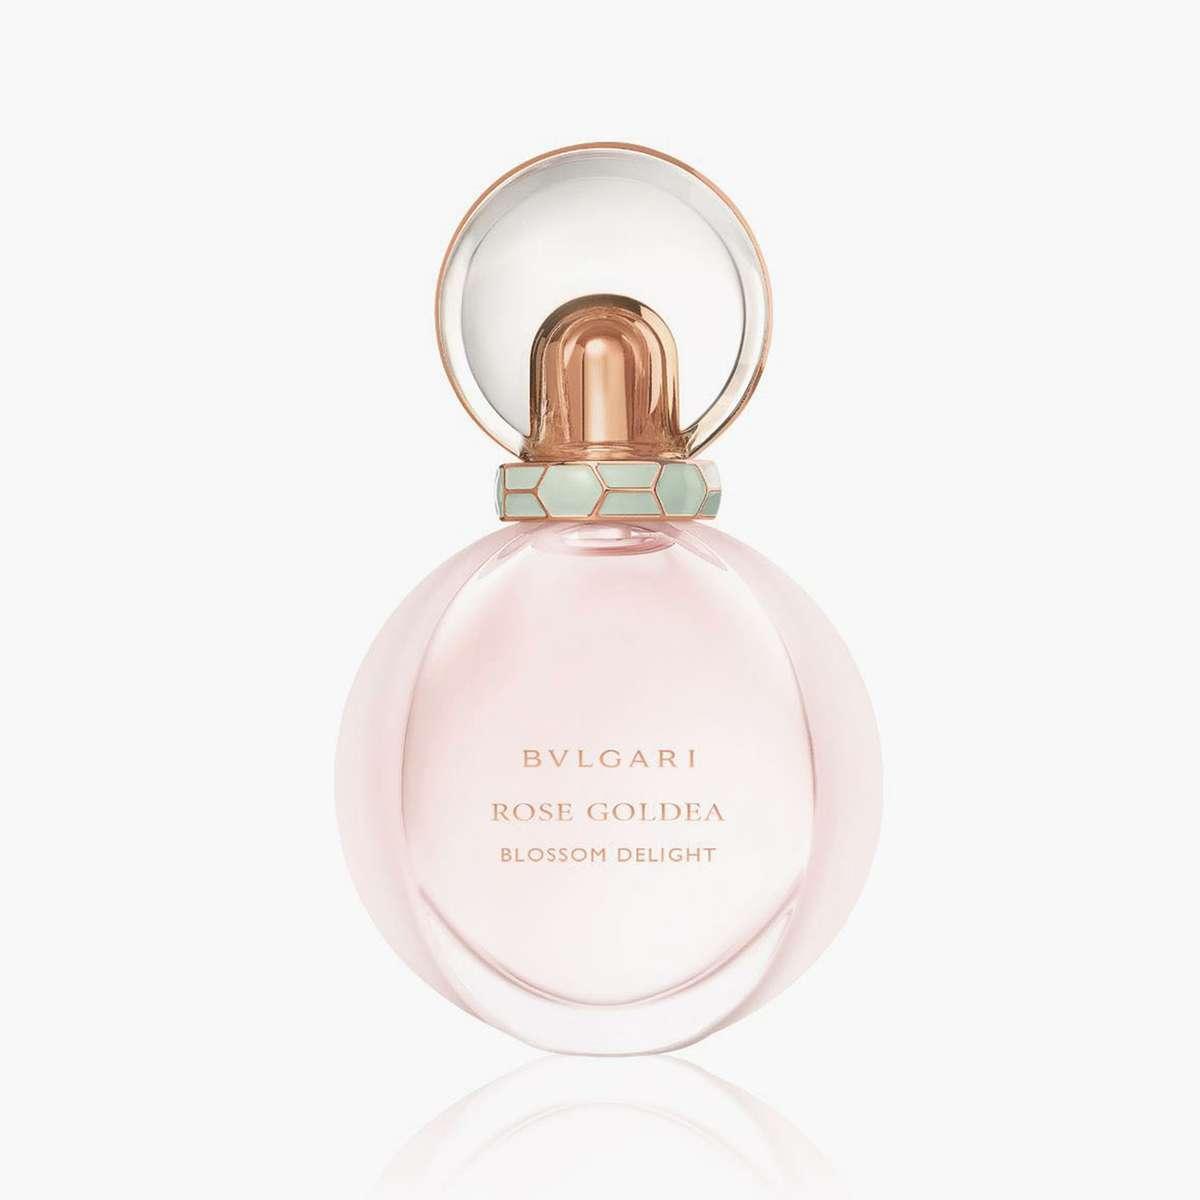 4.BVLGARI Women Rose Goldea Blossom Delight for Women 50 ml